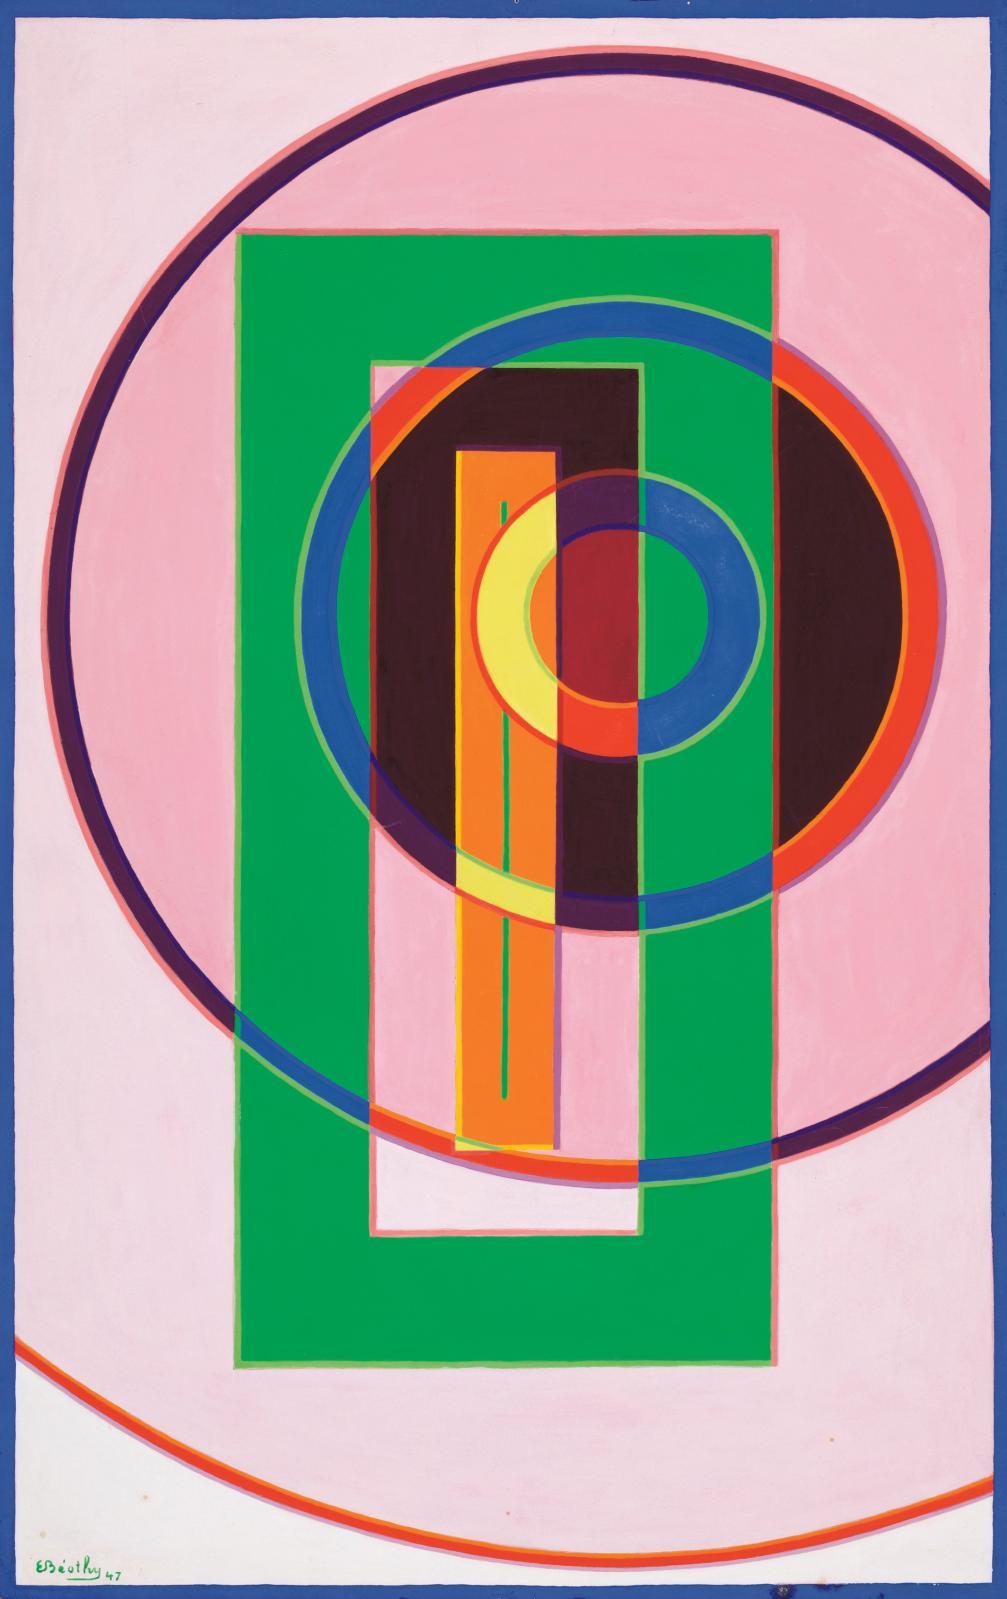 Étienne Béothy, Composition, 1947, gouache sur papier, 65,8 x 41 cm, galerie Le Minotaure.